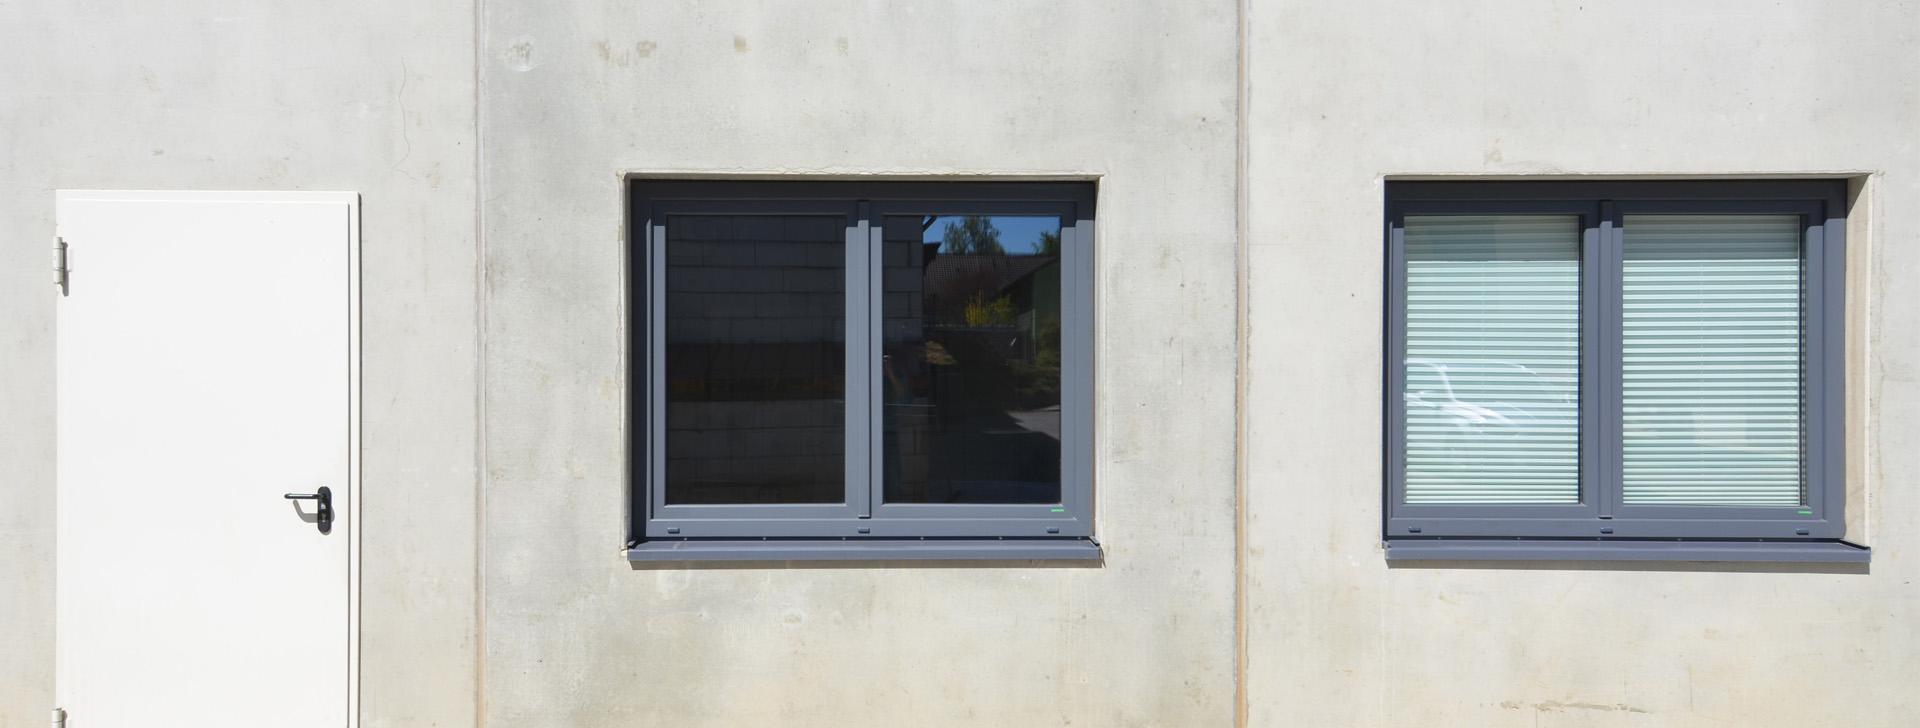 Fertigteilwand mit Fenster